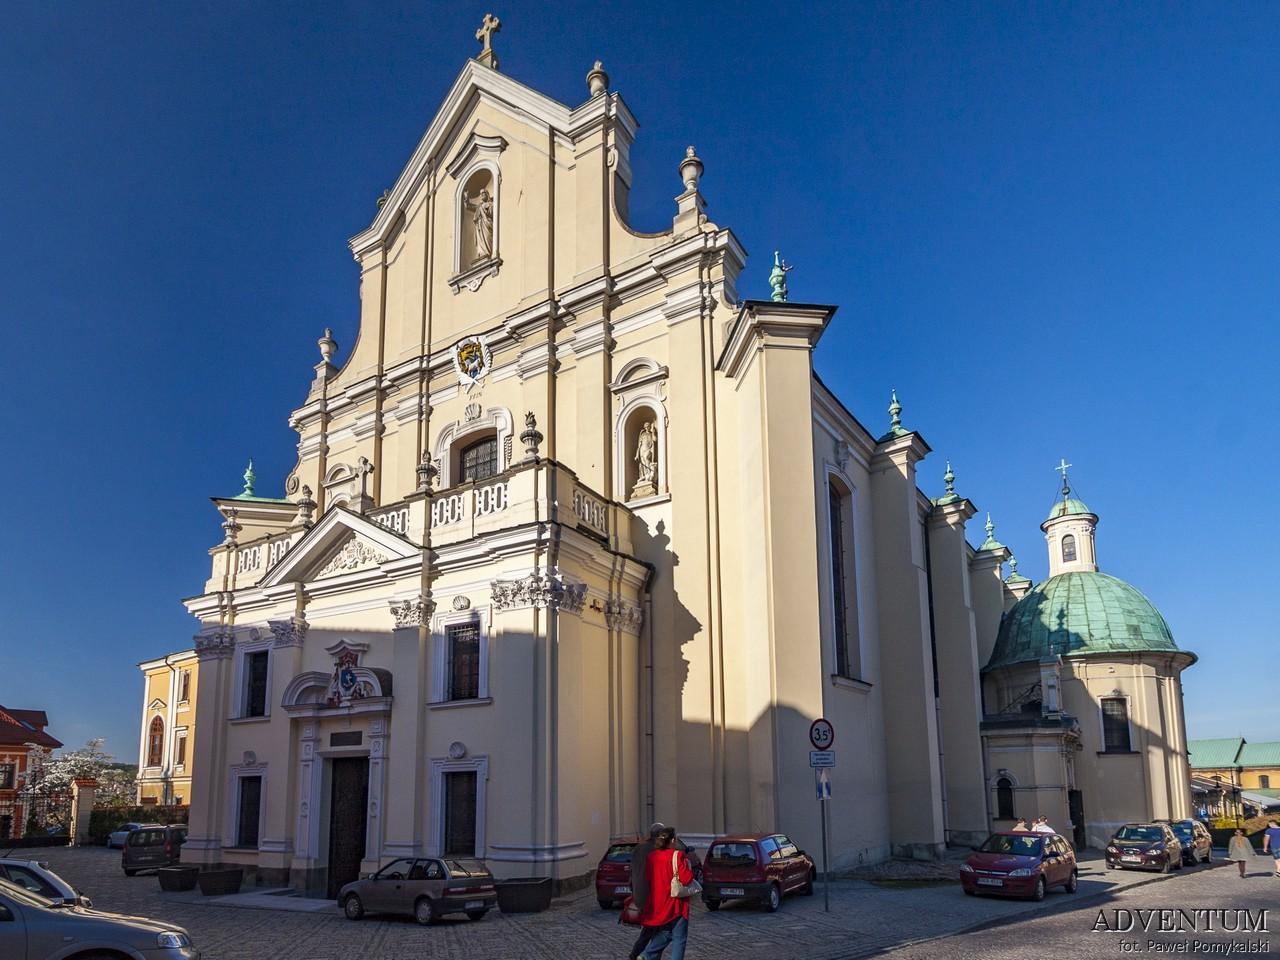 Przemyśl zabytki atrakcje rynek zamek katedra podkarpackie podkarpacie twierdza